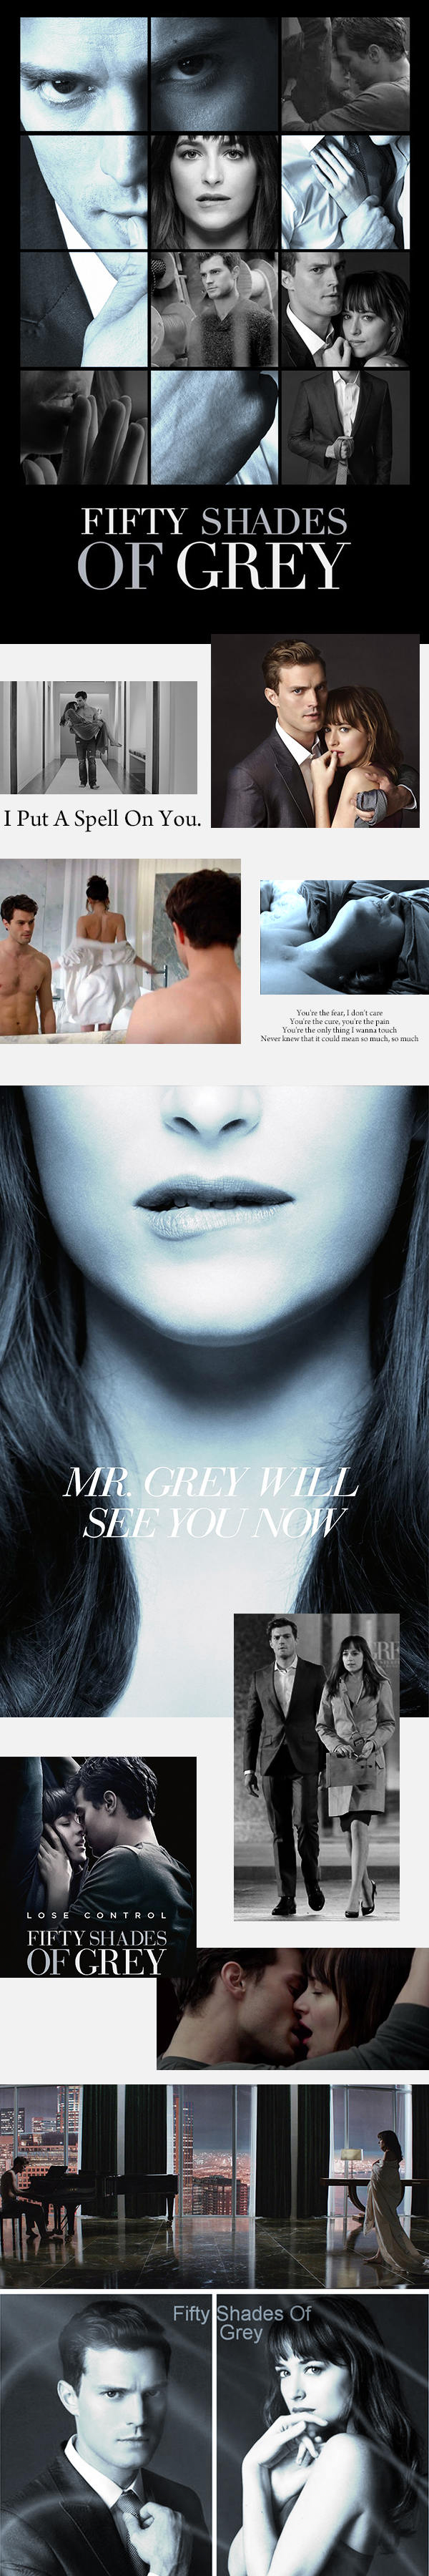 Fifty Shades Of Grey 格雷的五十道陰影 克里斯欽 格雷的領帶